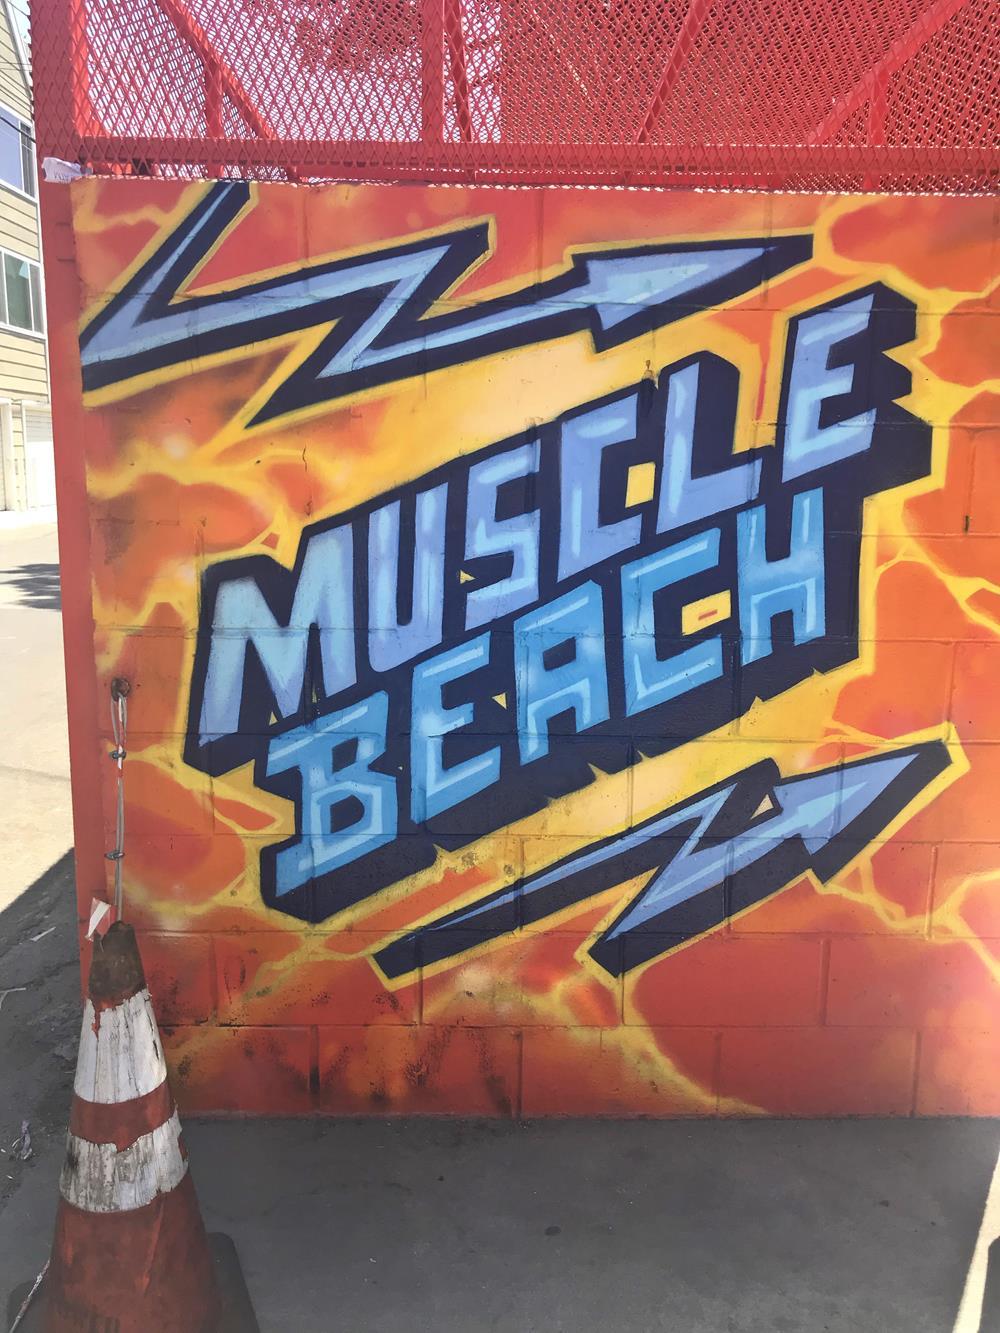 Muscle Beach street art wall mural